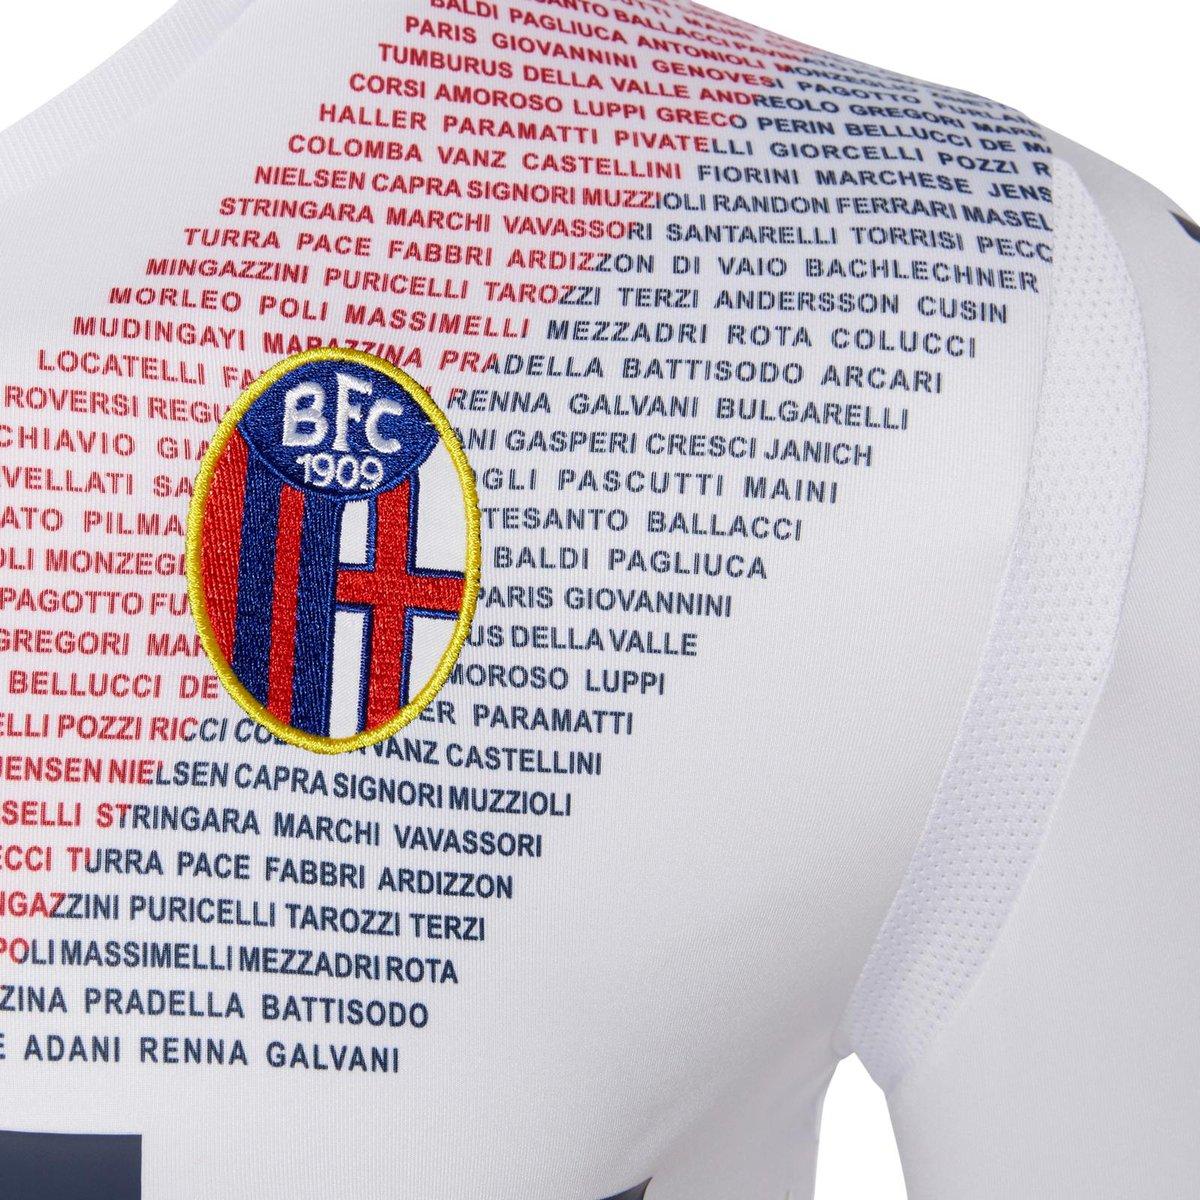 Bolonya yeni səfər formasına klubda ən çox oyun keçirən 100 futbolçunun adını həkk etdi (foto)